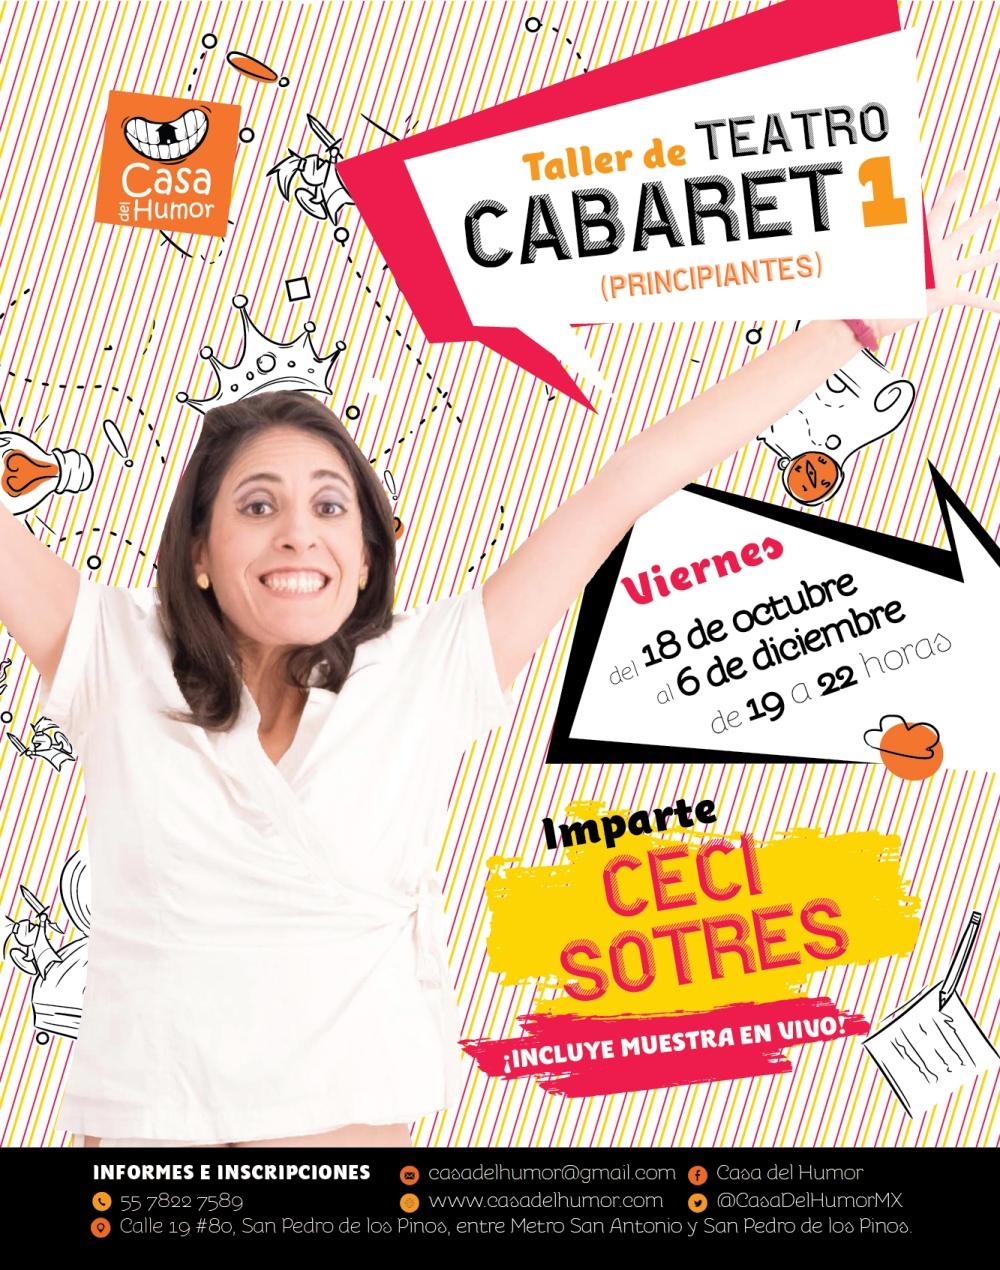 Casa_del_humor_cabaret1_PRINCIPIANTES_ceci_sotres-01